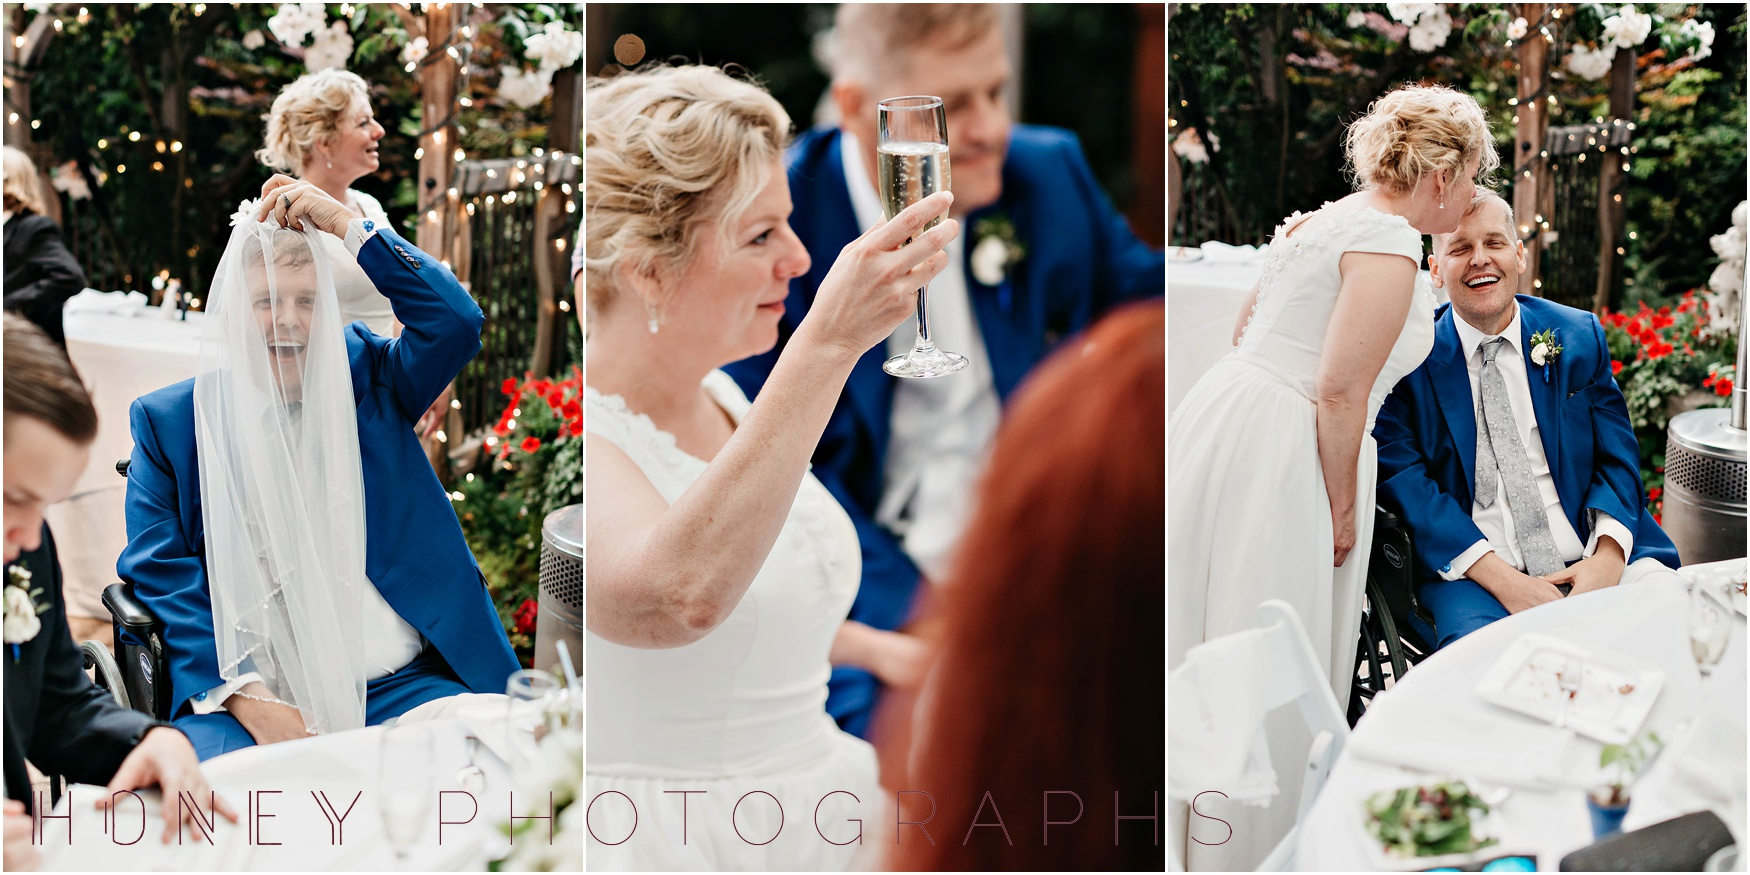 cambria-san-lois-obispo-wedding-garden-intimate54.jpg